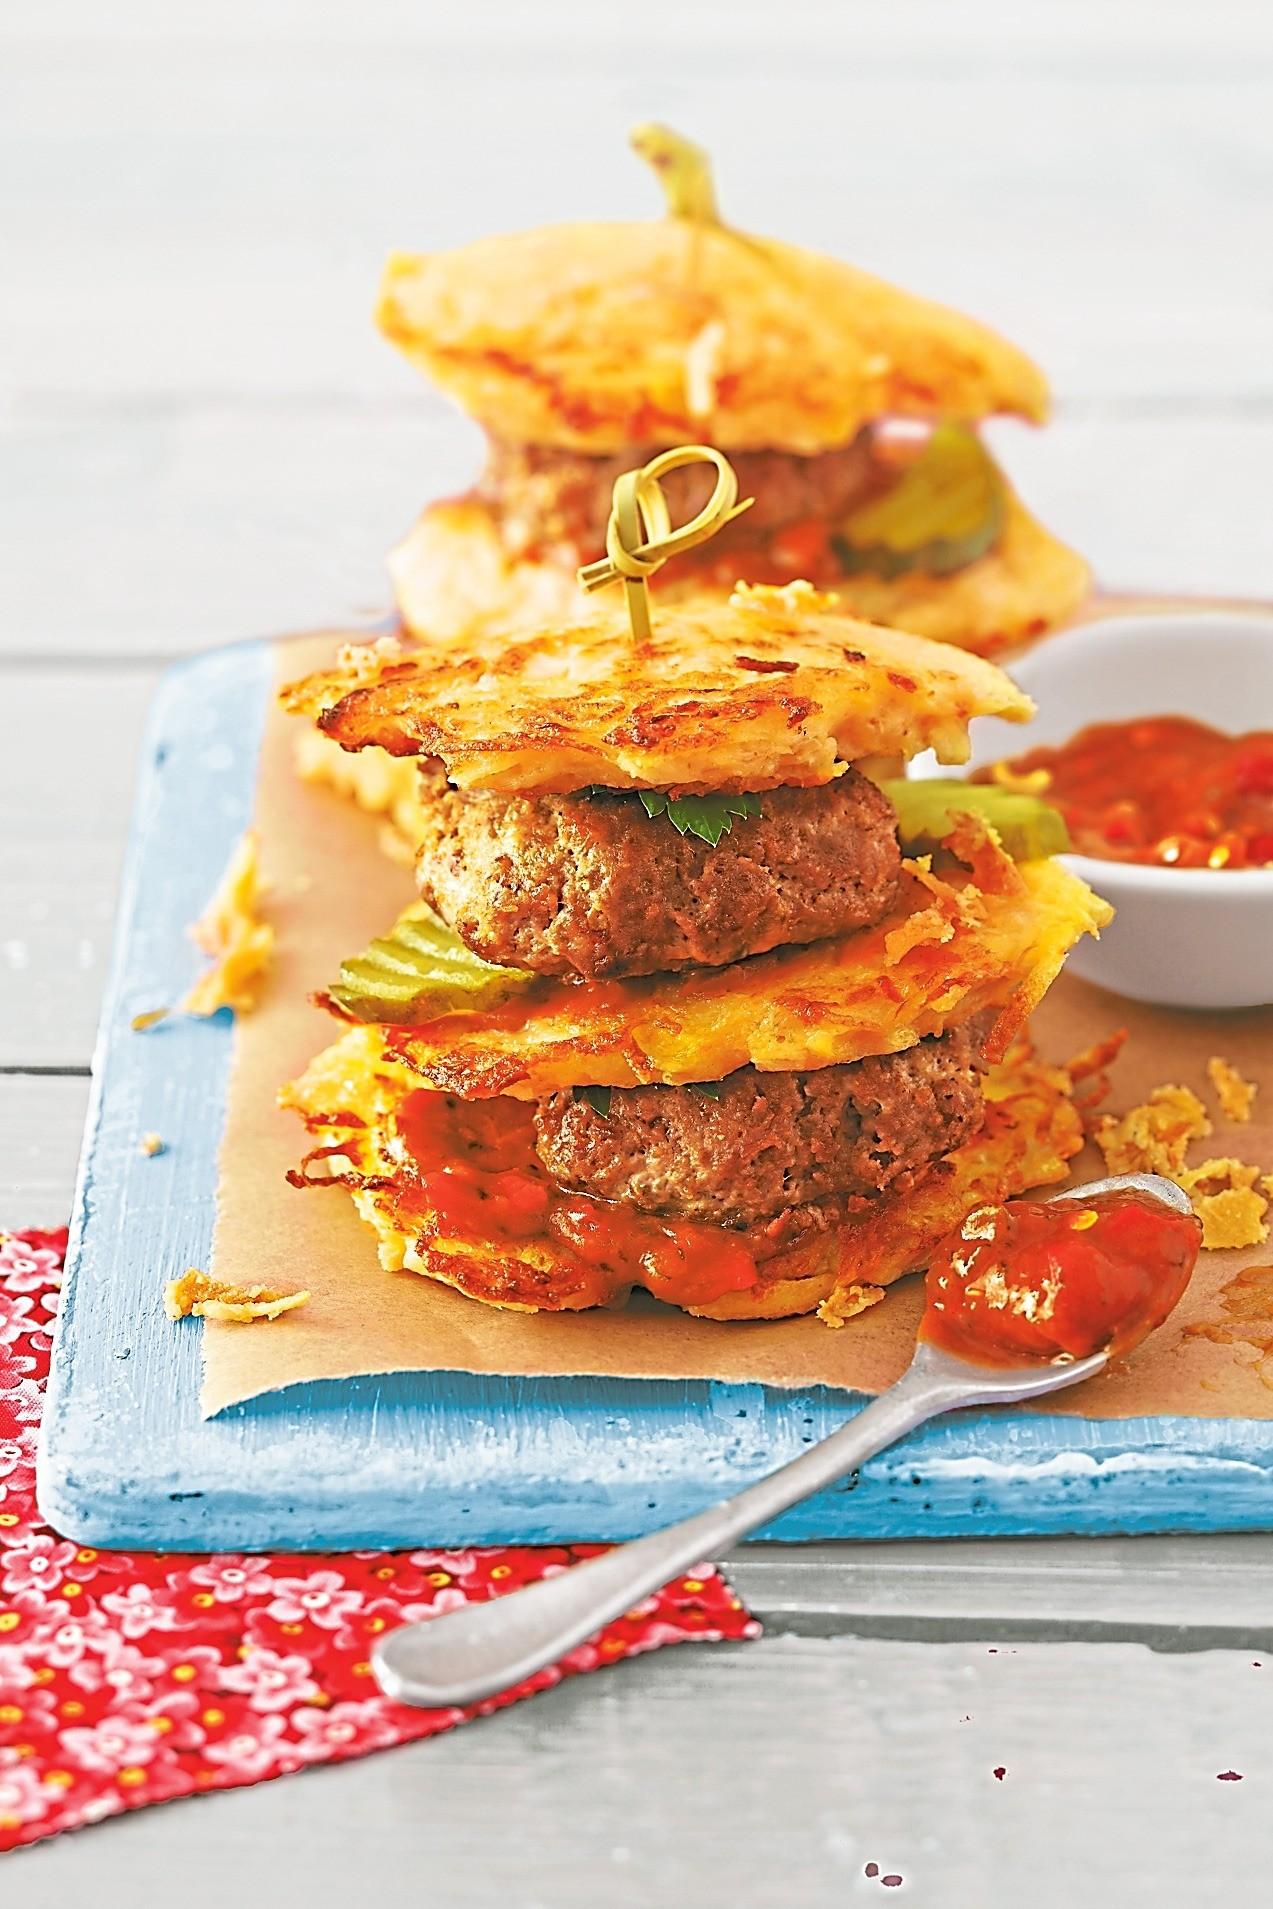 Как приготовить бургер дома: пошаговый рецепт